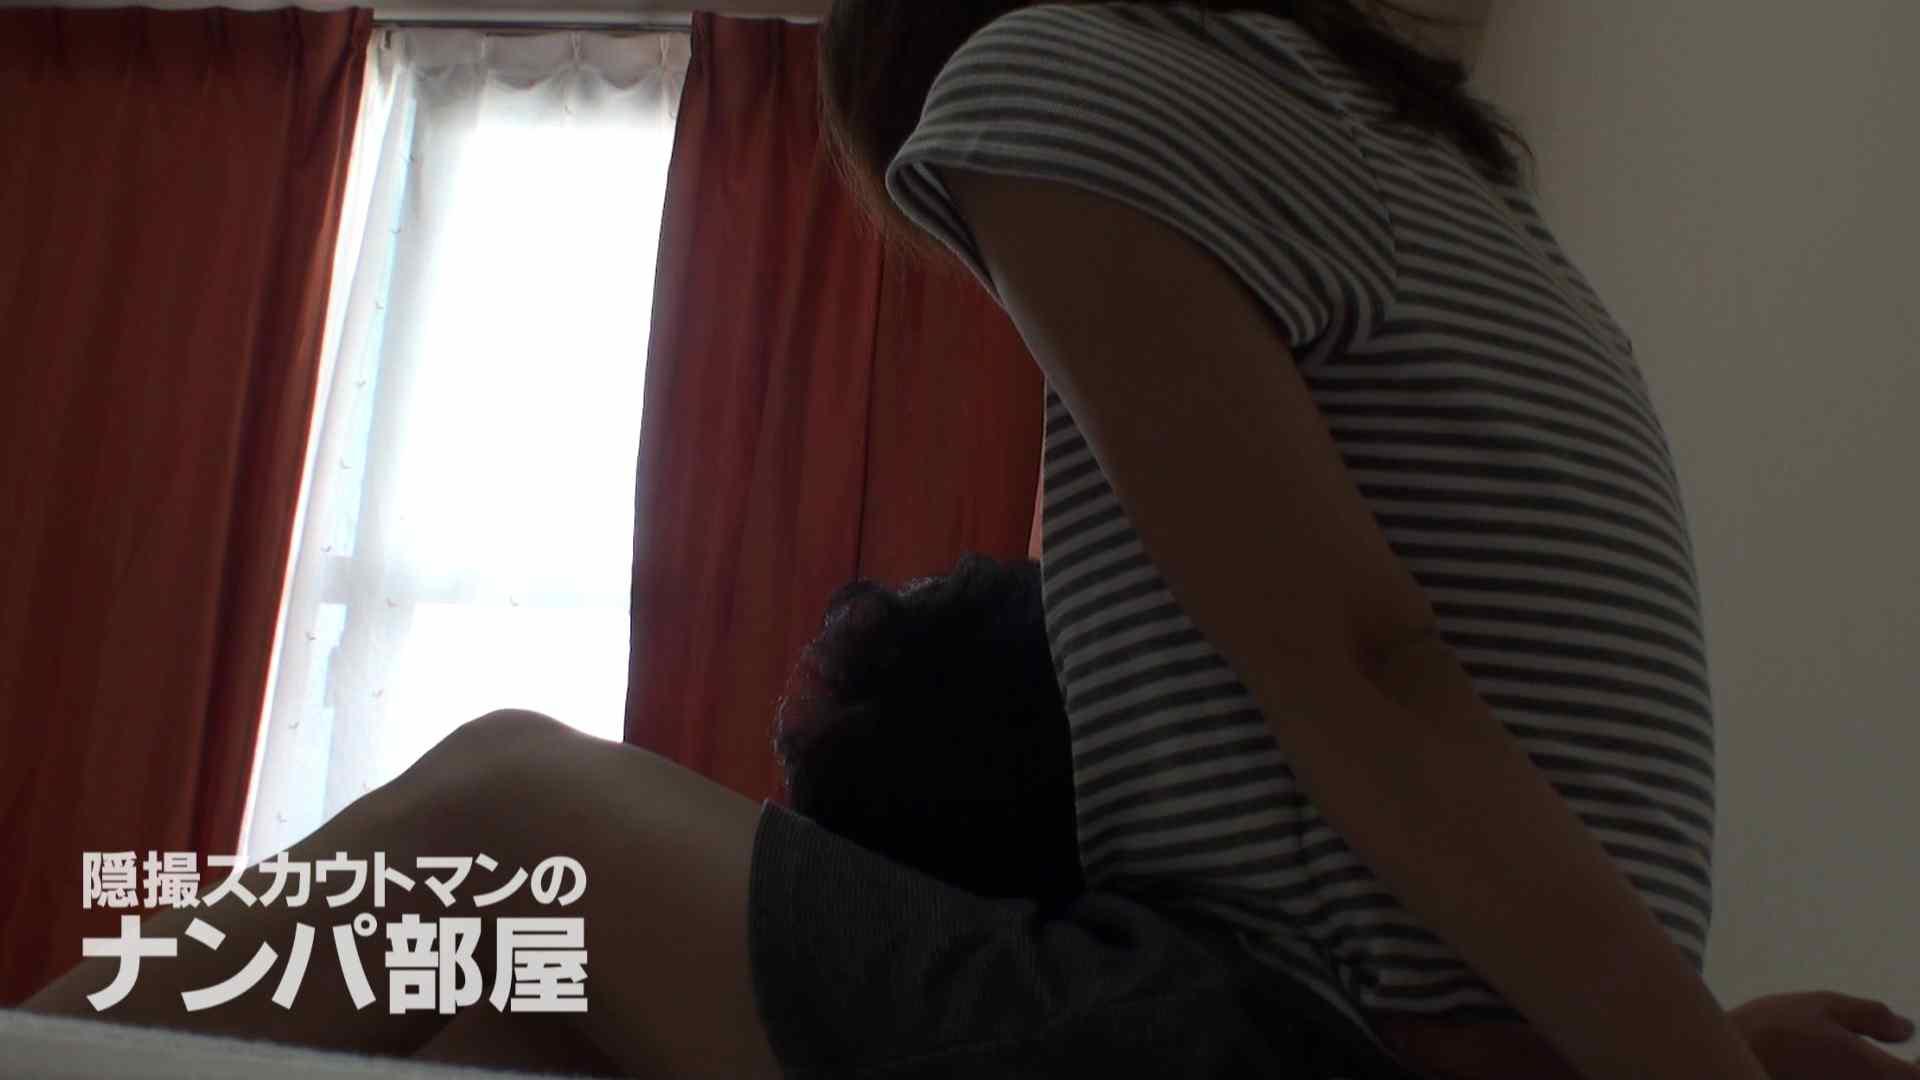 隠撮スカウトマンのナンパ部屋~風俗デビュー前のつまみ食い~ siivol.3 ナンパ  92PIX 48